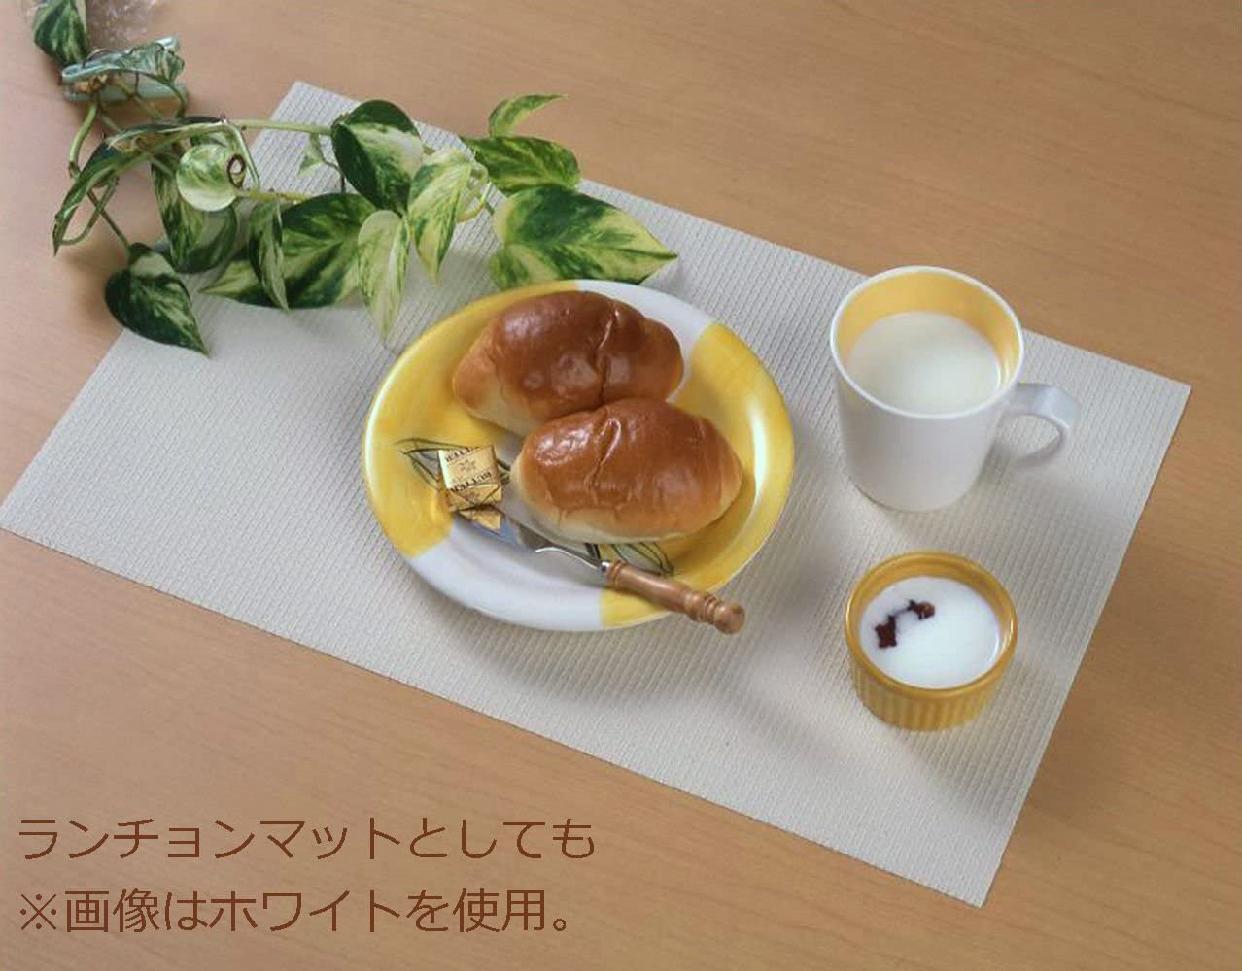 東和産業(とうわさんぎょう)CW 食器棚クロスの商品画像4